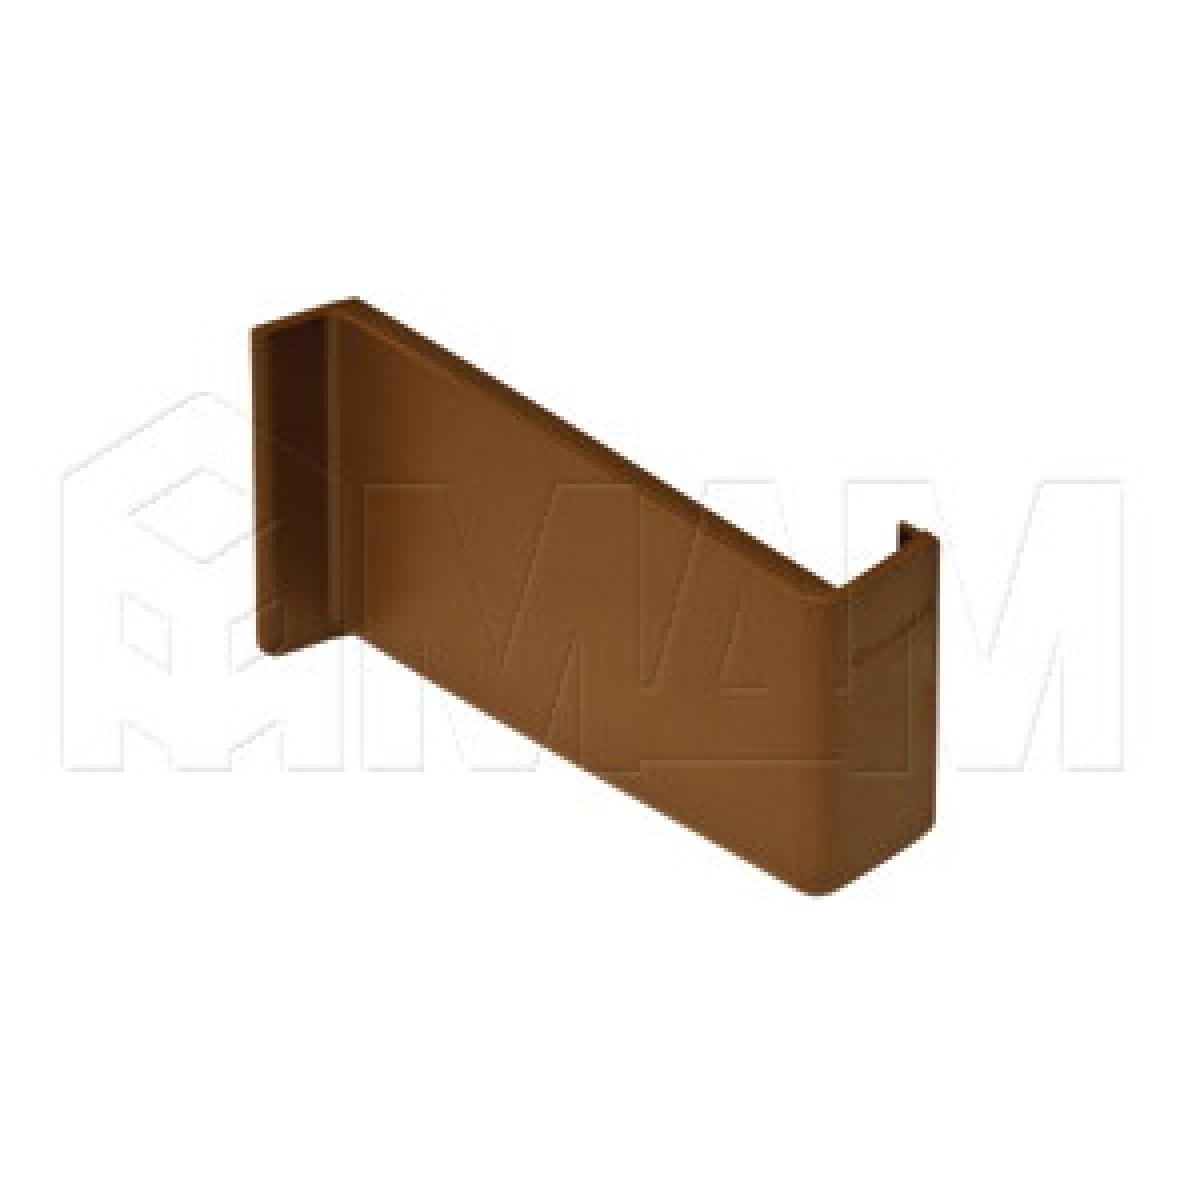 806 Заглушка для мебельного навеса, пластик, коричневая, правая